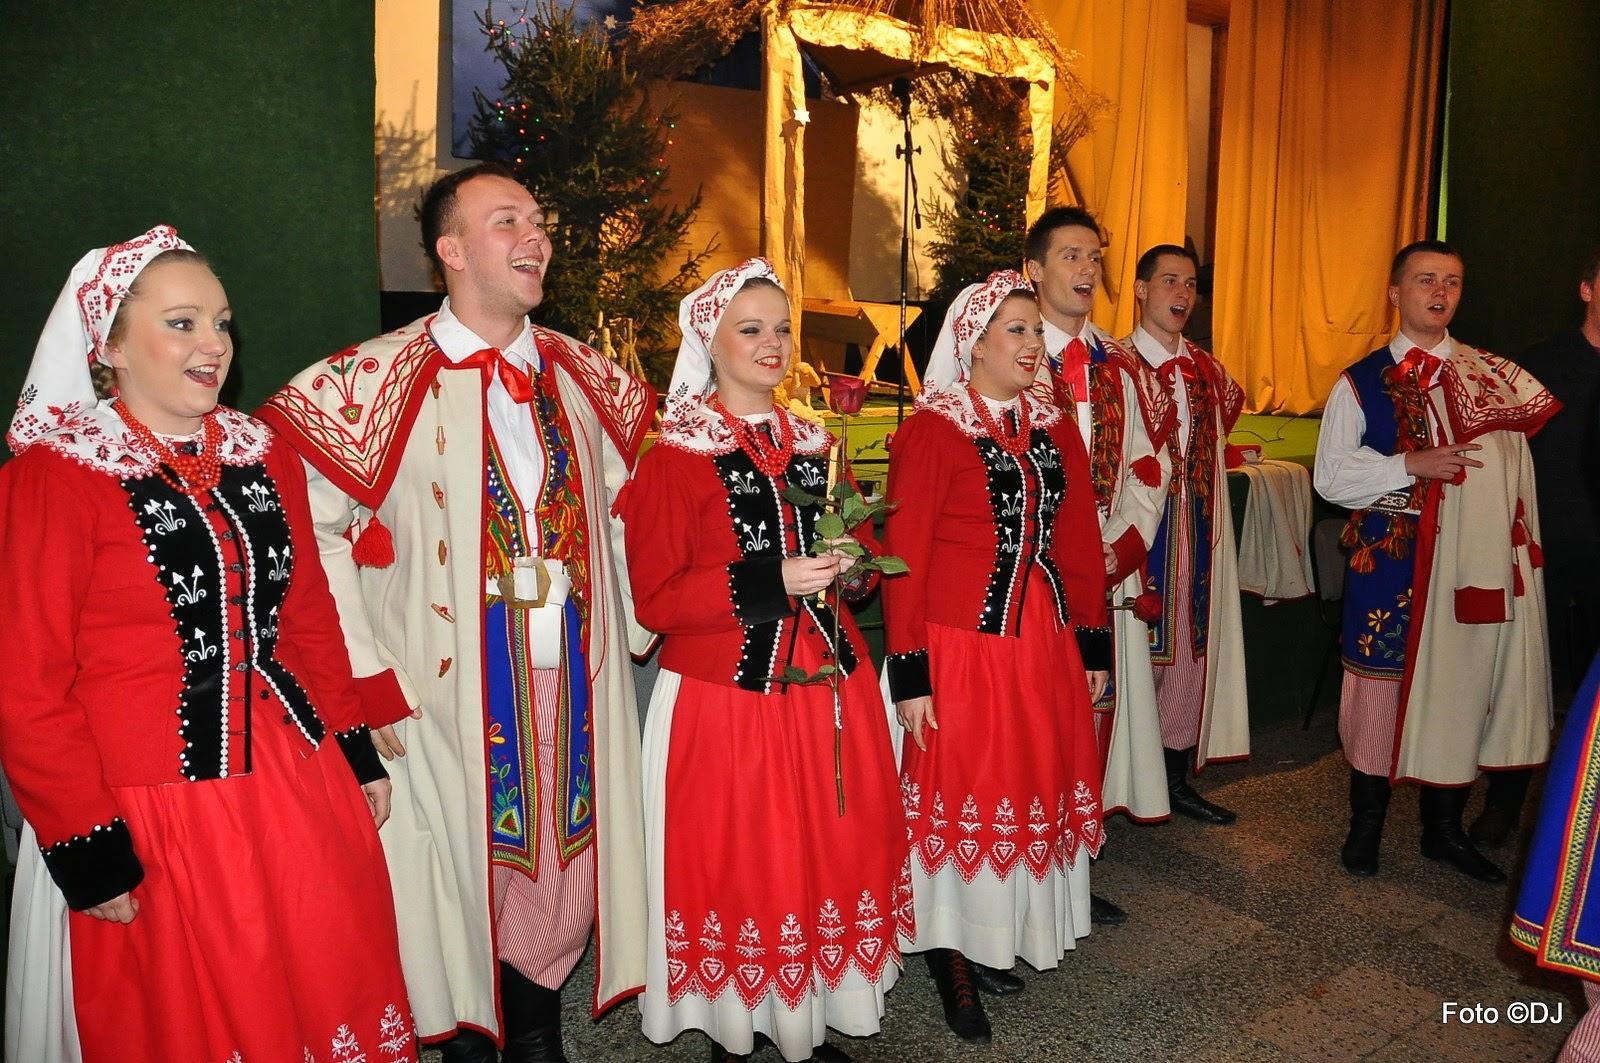 Przyjęcie po koncercie Zespołu Pieśni i Tańca Ziemi Lubelskiej w par. Św. Rodziny w Lublinie - 2015